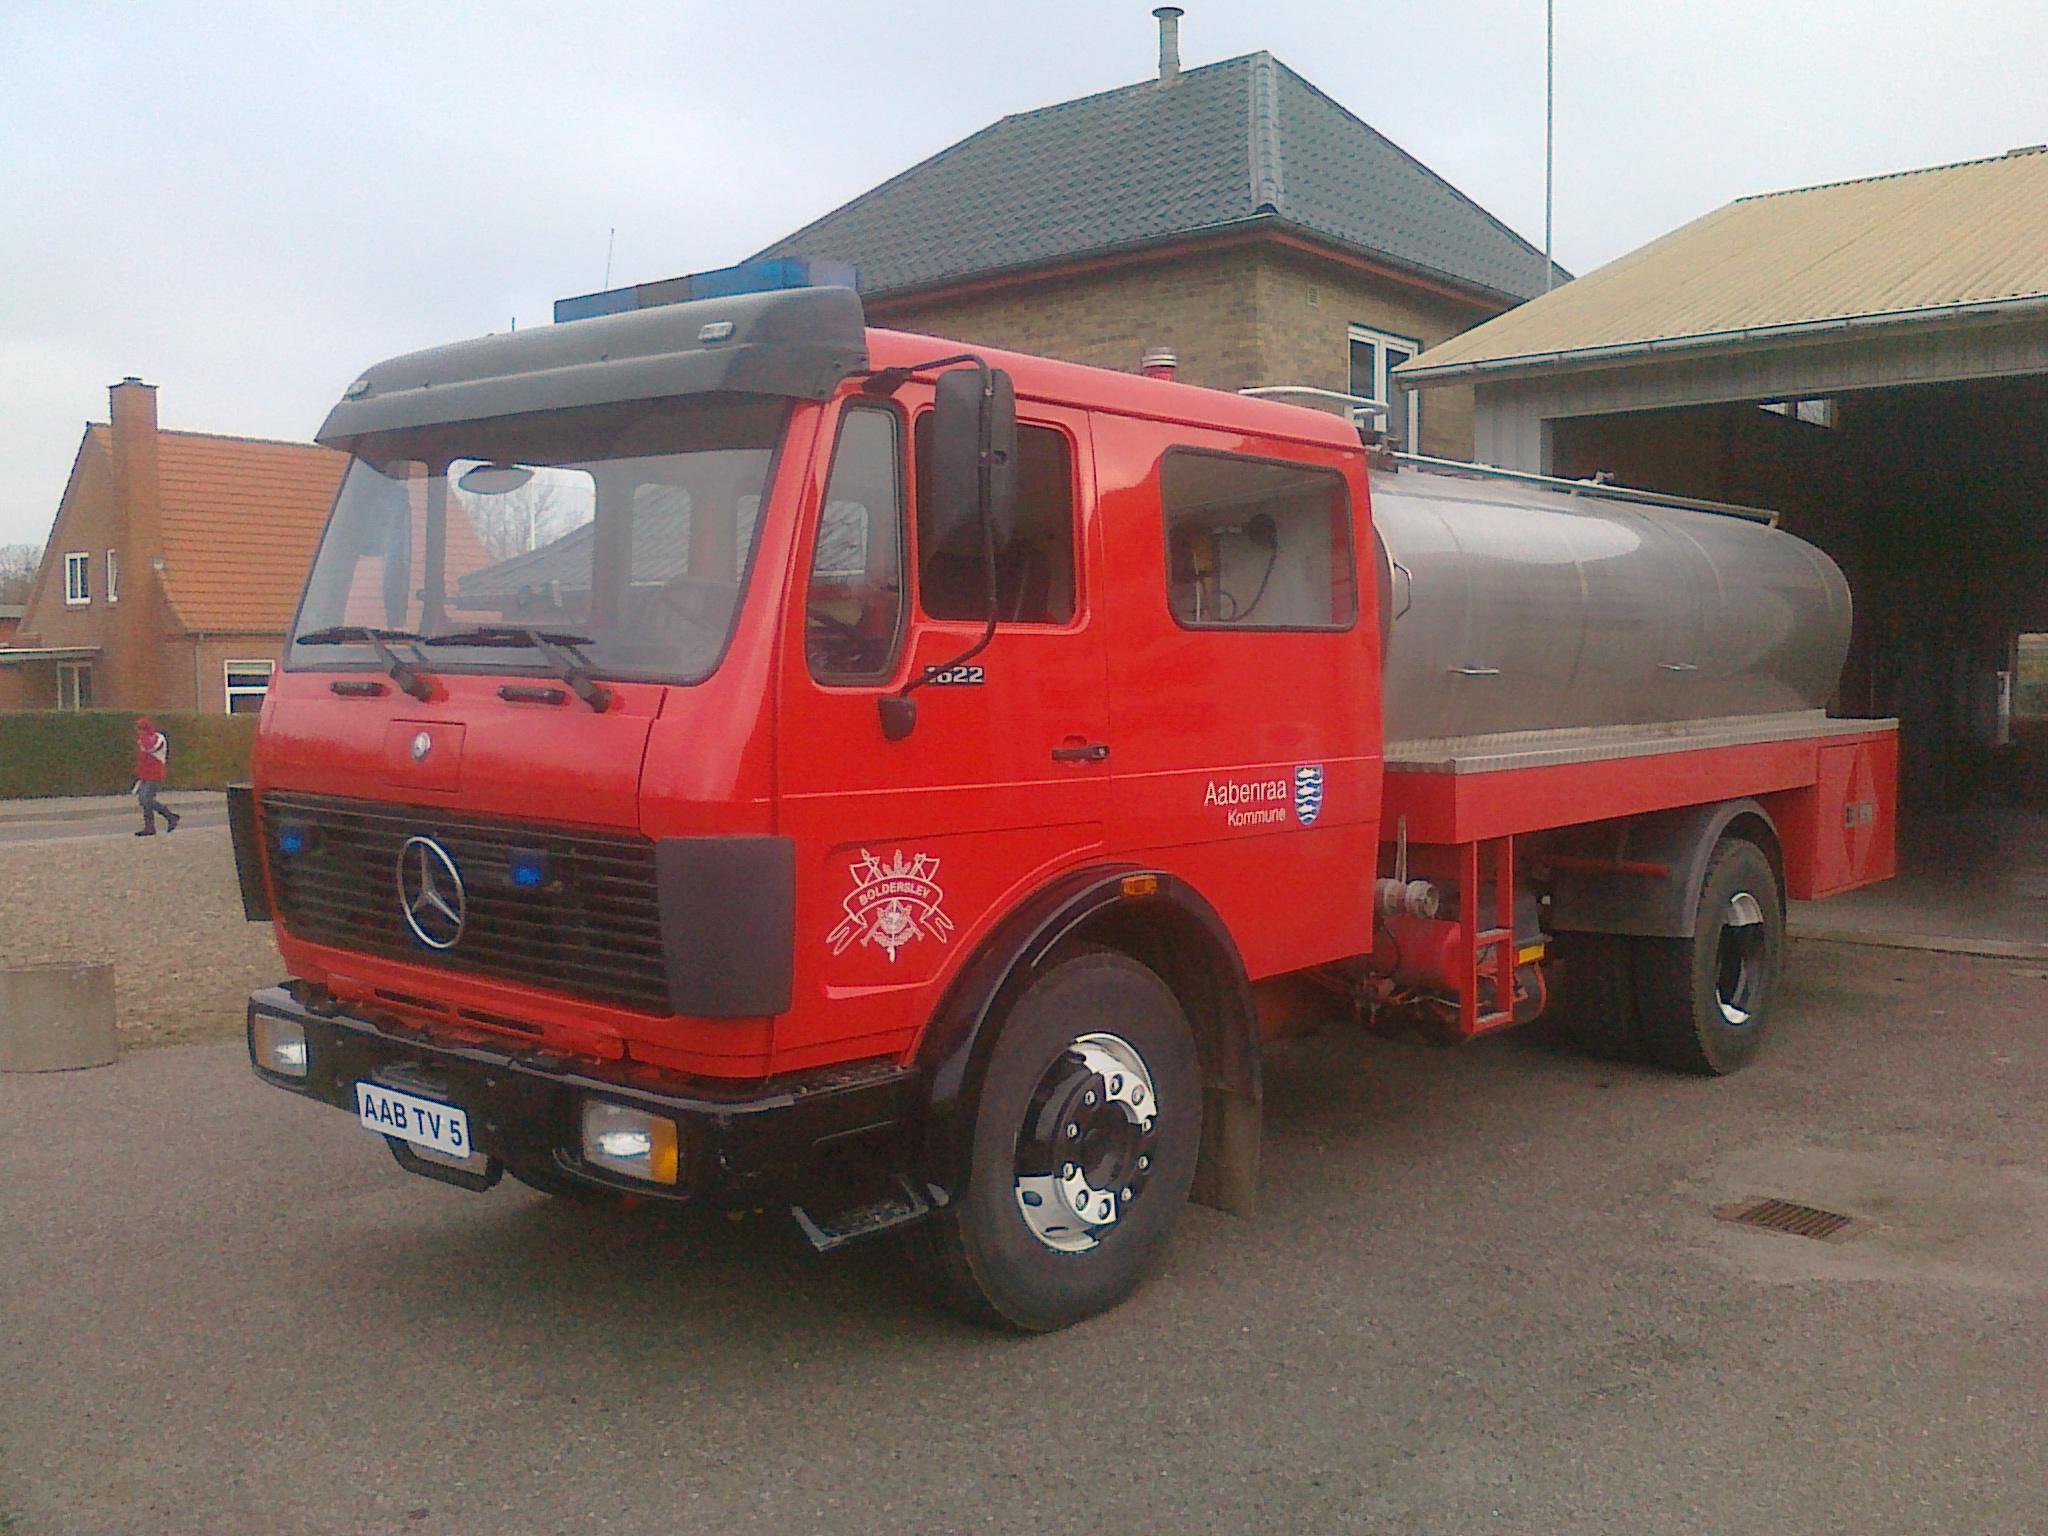 Tankvogn01